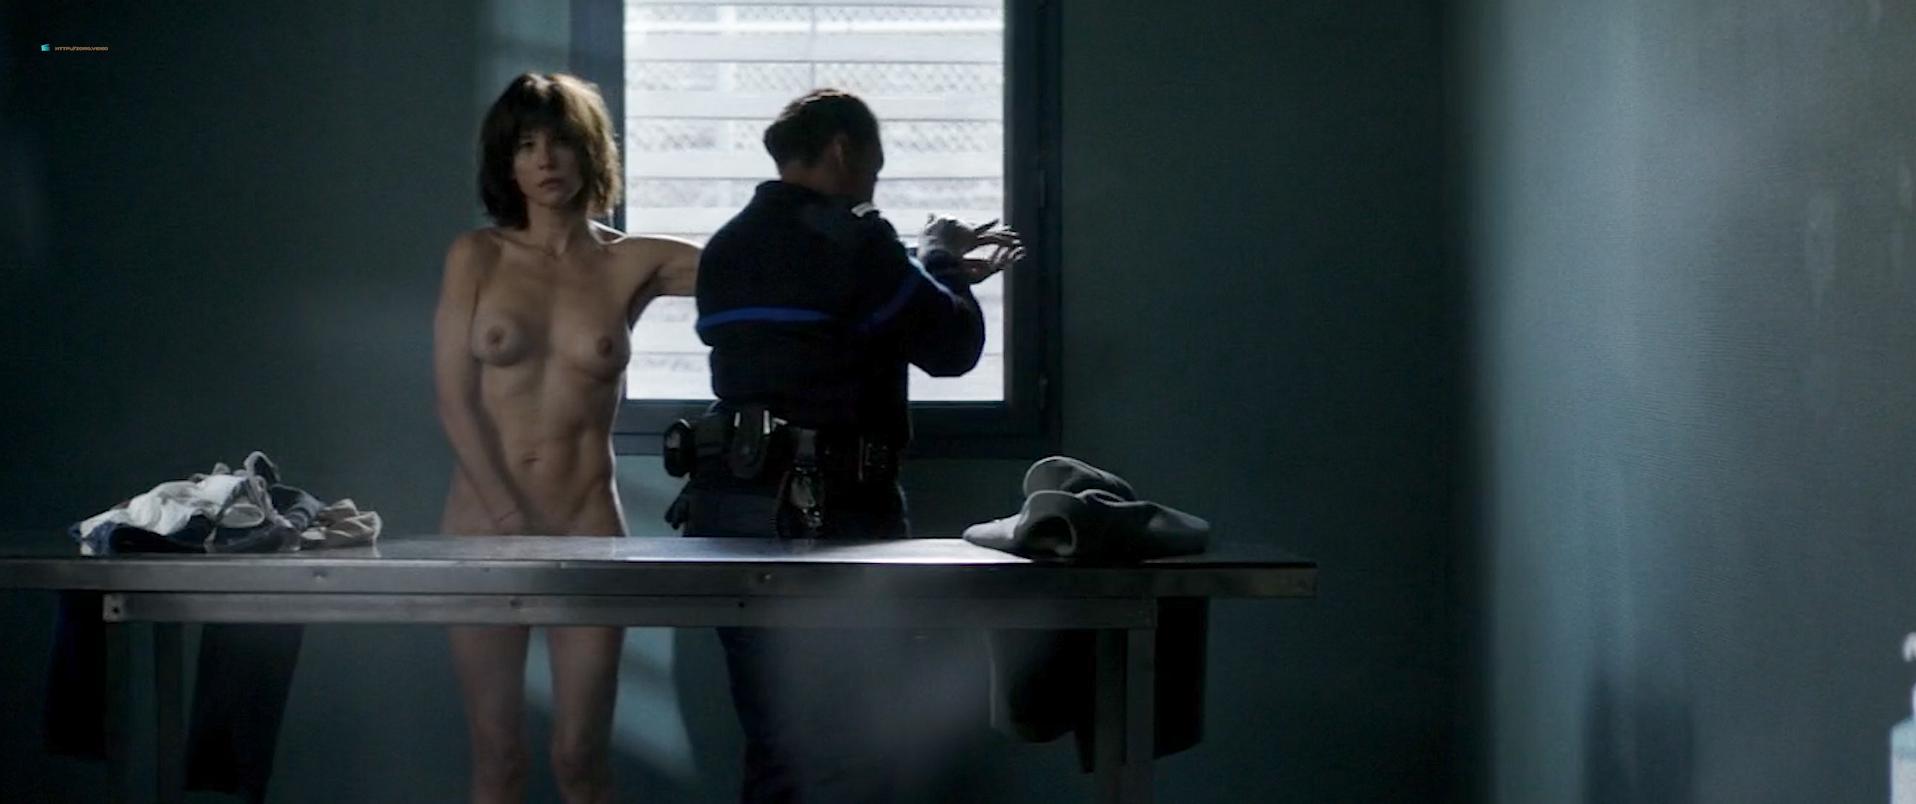 Sophie marceau nude movie